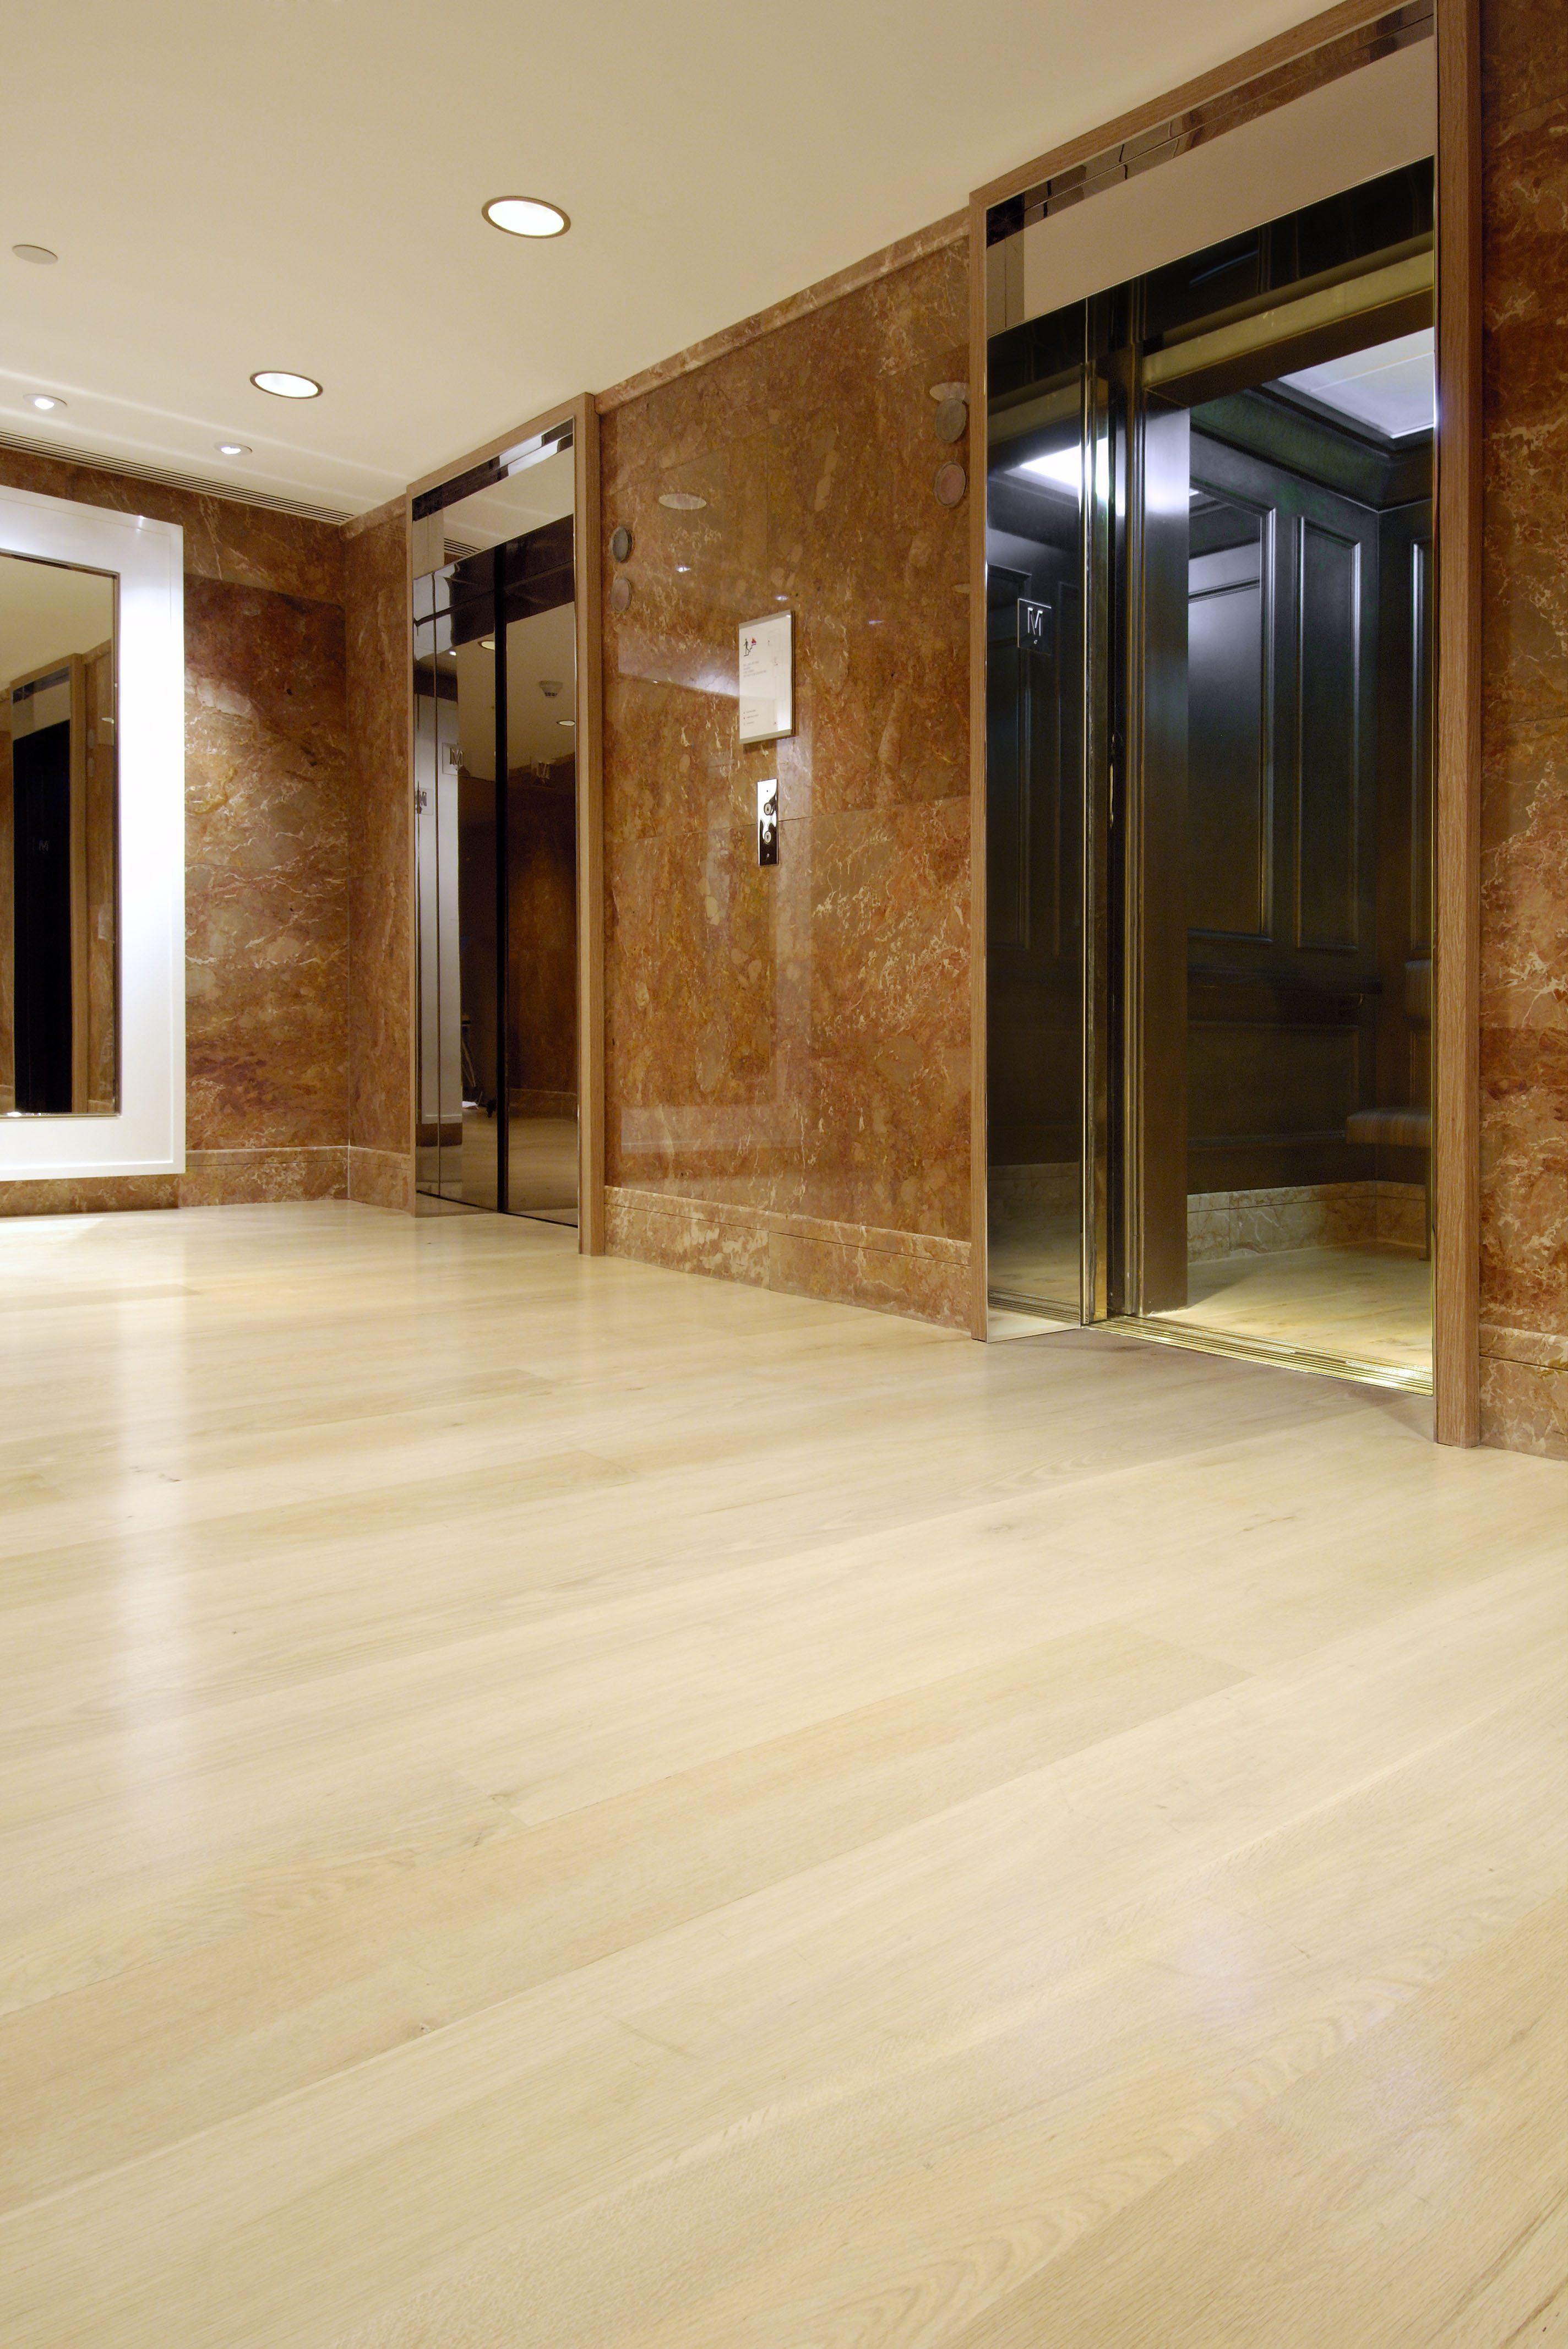 White Oak Floors in the Lobby of the Park Hyatt